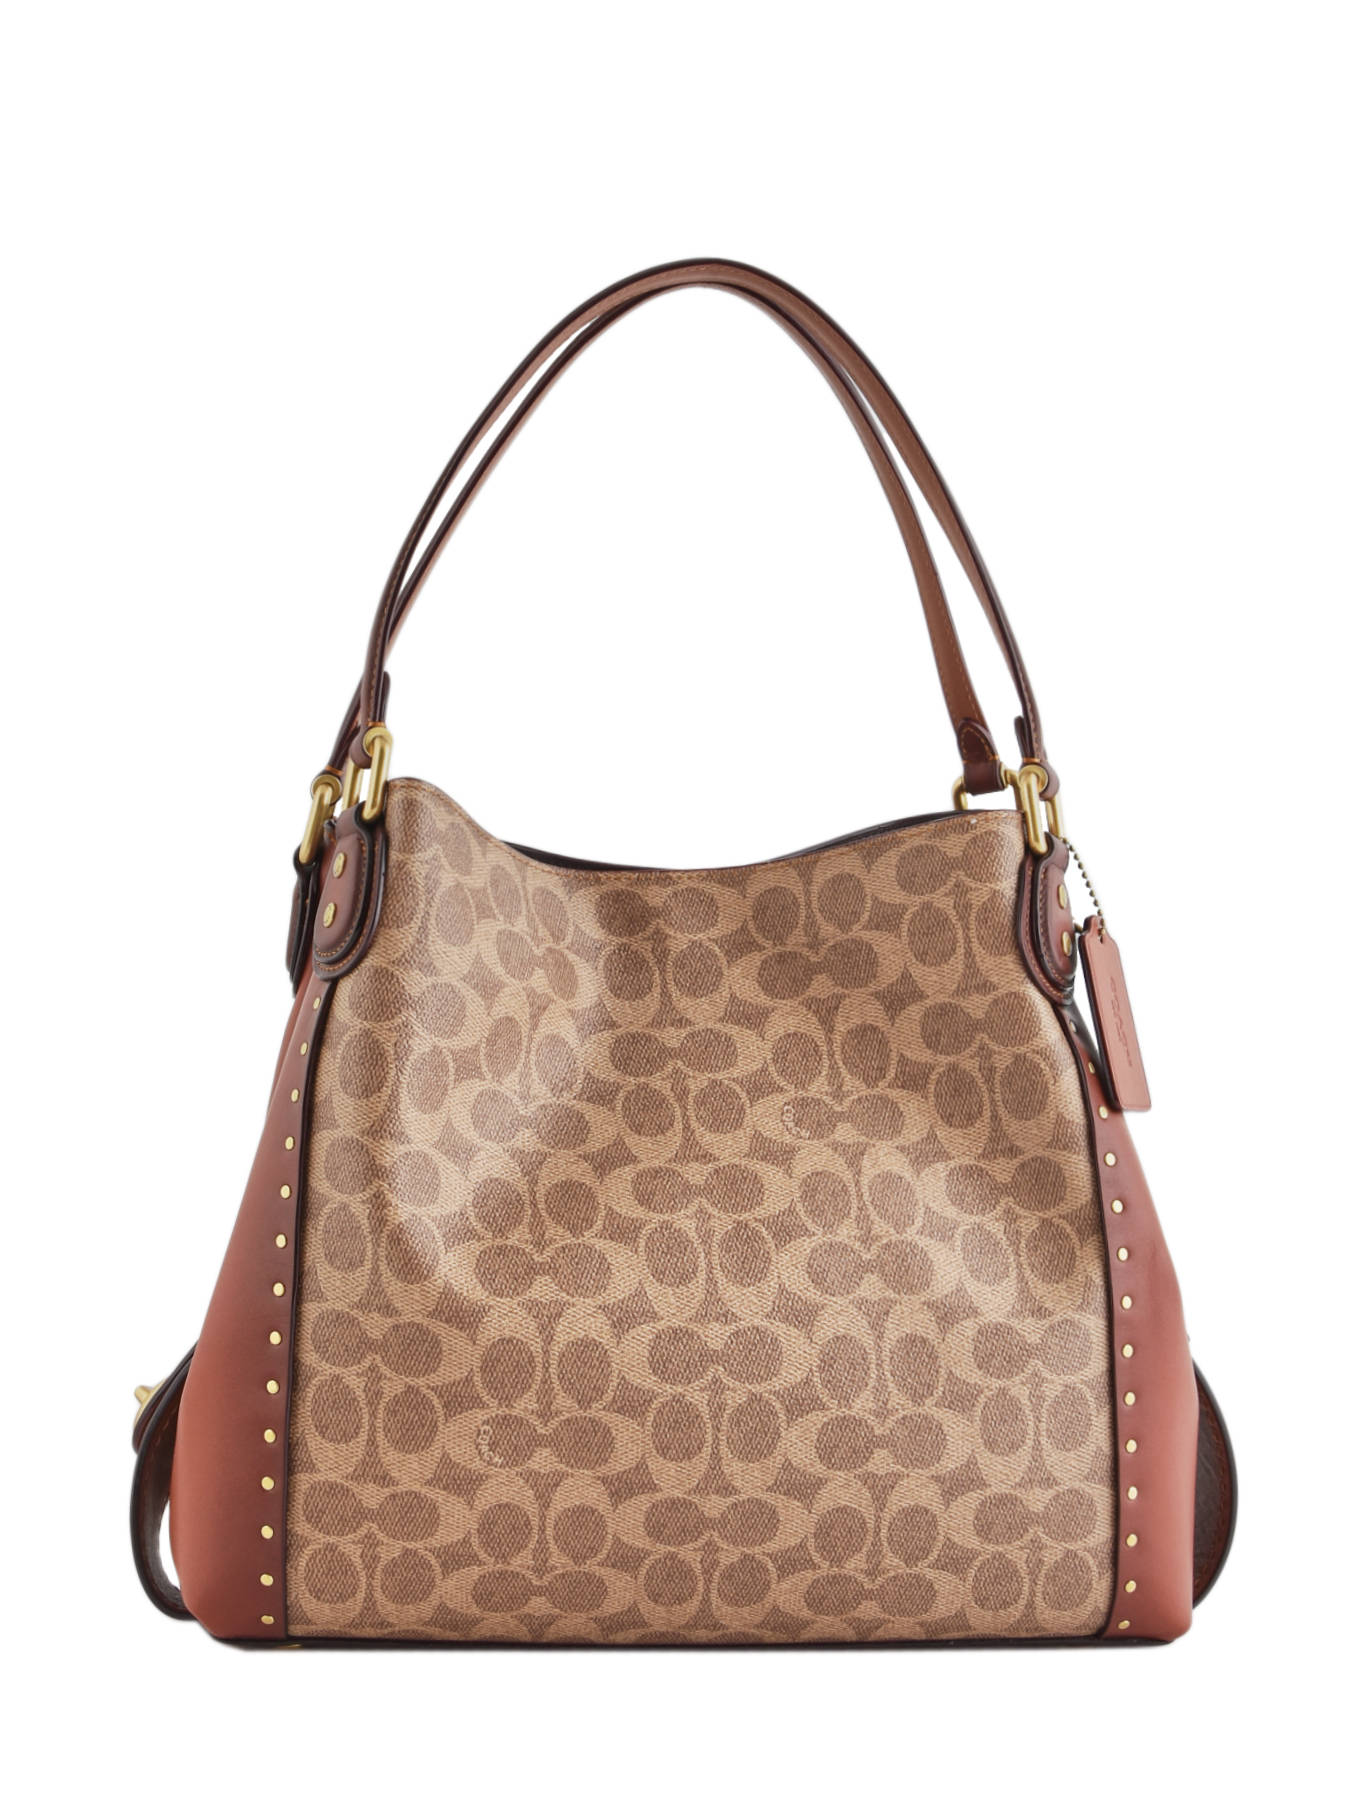 823d319c7d ... Edie Signature Canvas Shopper Leather Coach Brown edie 30220 ...